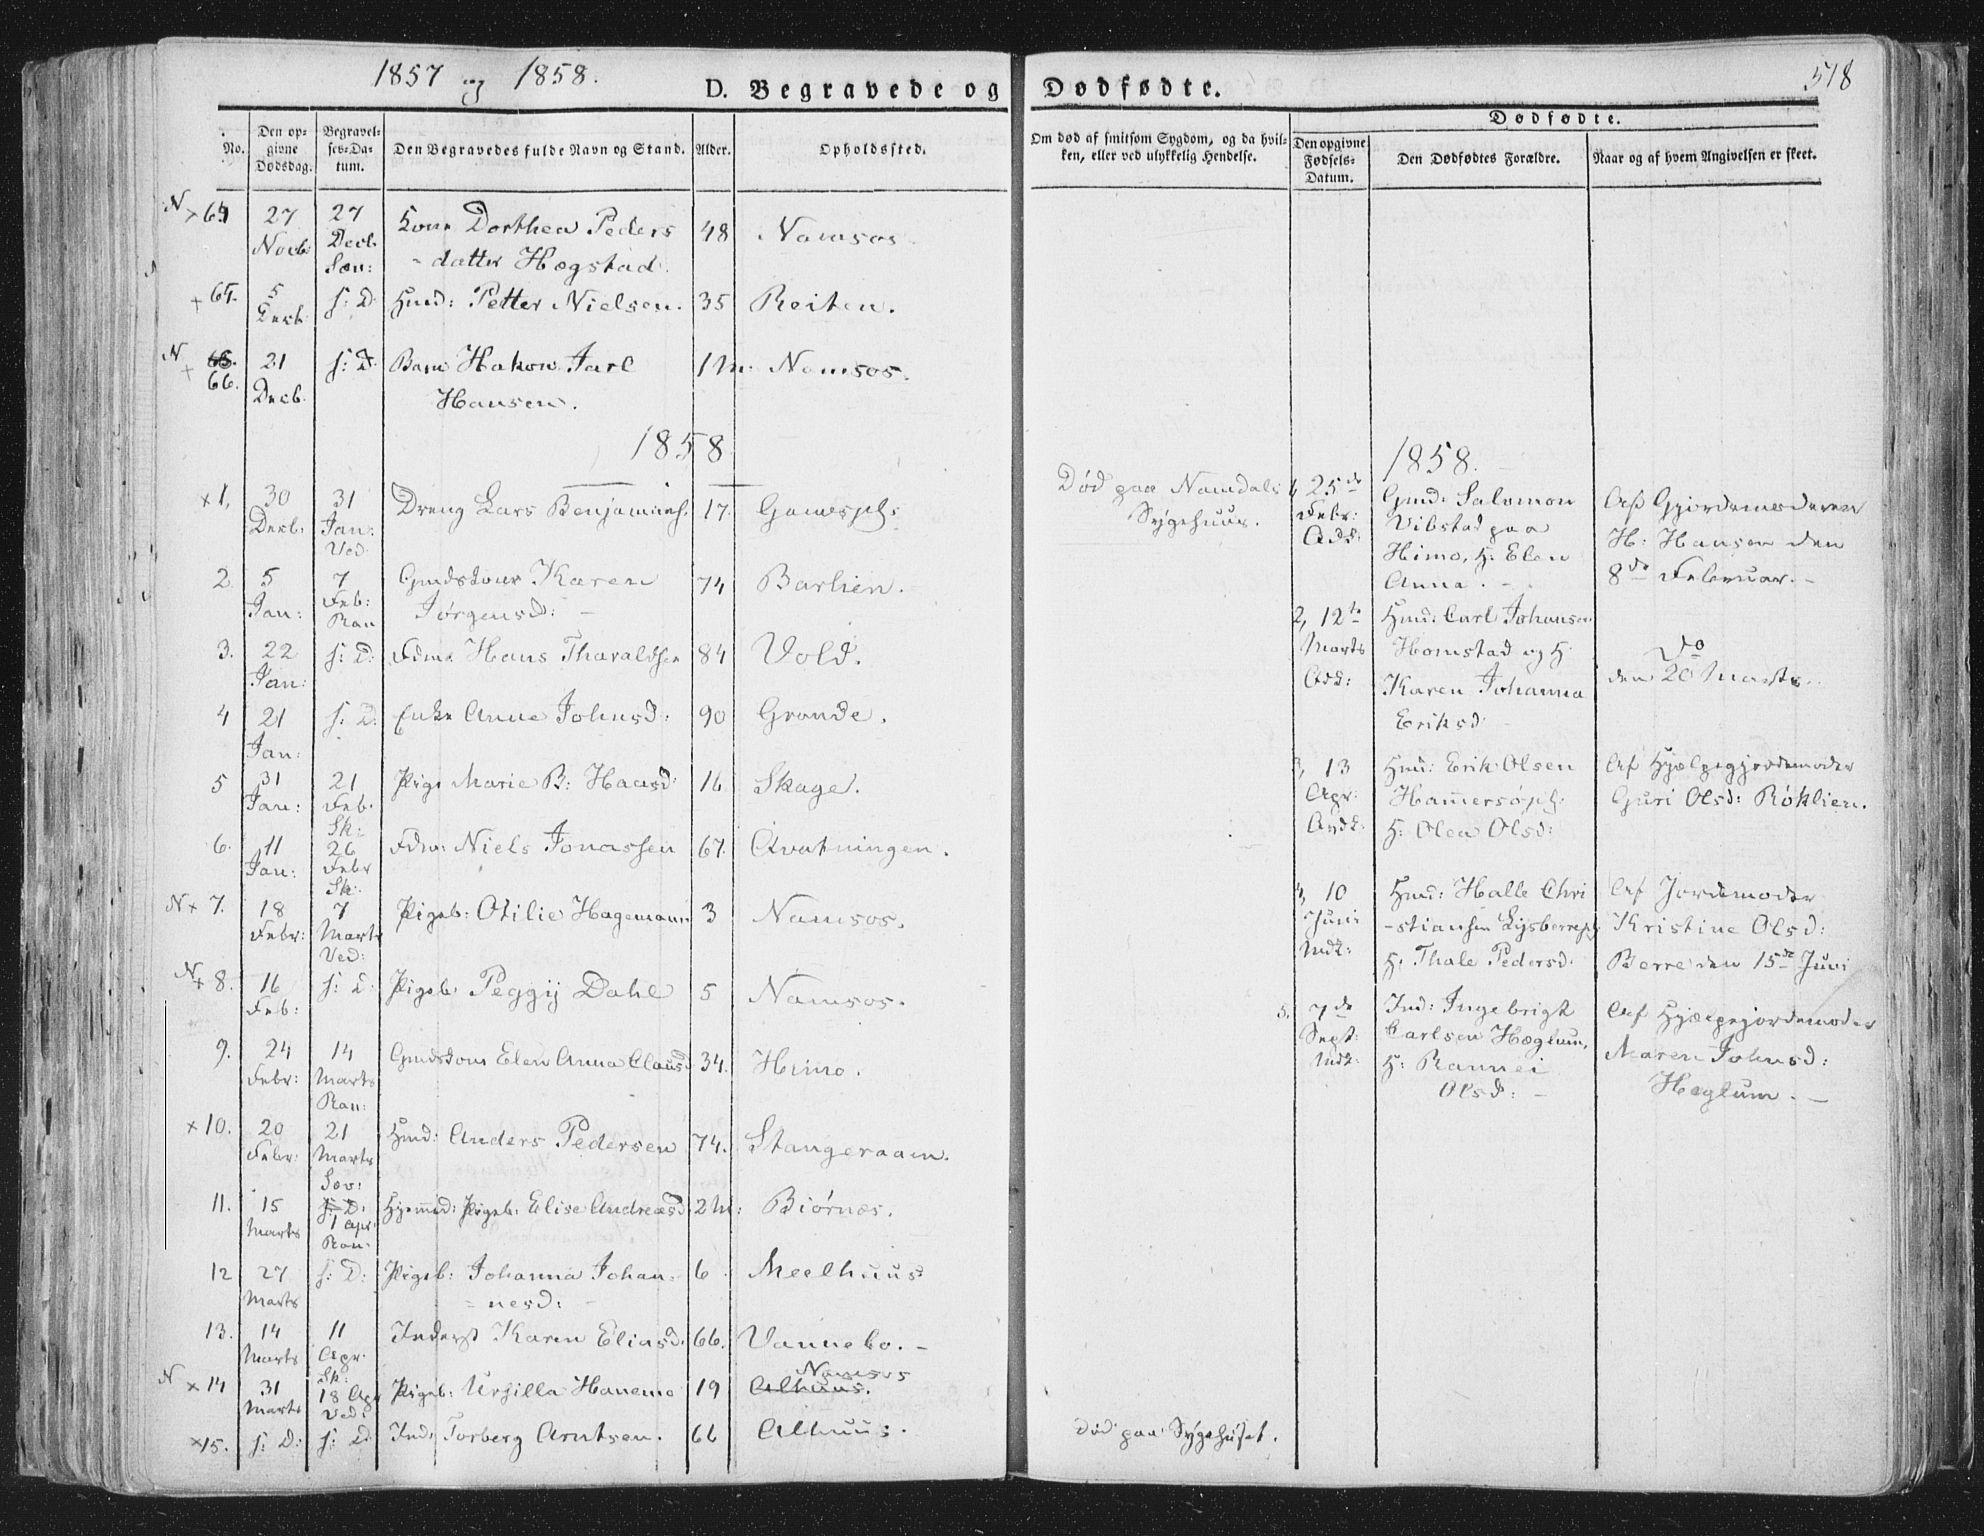 SAT, Ministerialprotokoller, klokkerbøker og fødselsregistre - Nord-Trøndelag, 764/L0552: Ministerialbok nr. 764A07b, 1824-1865, s. 518